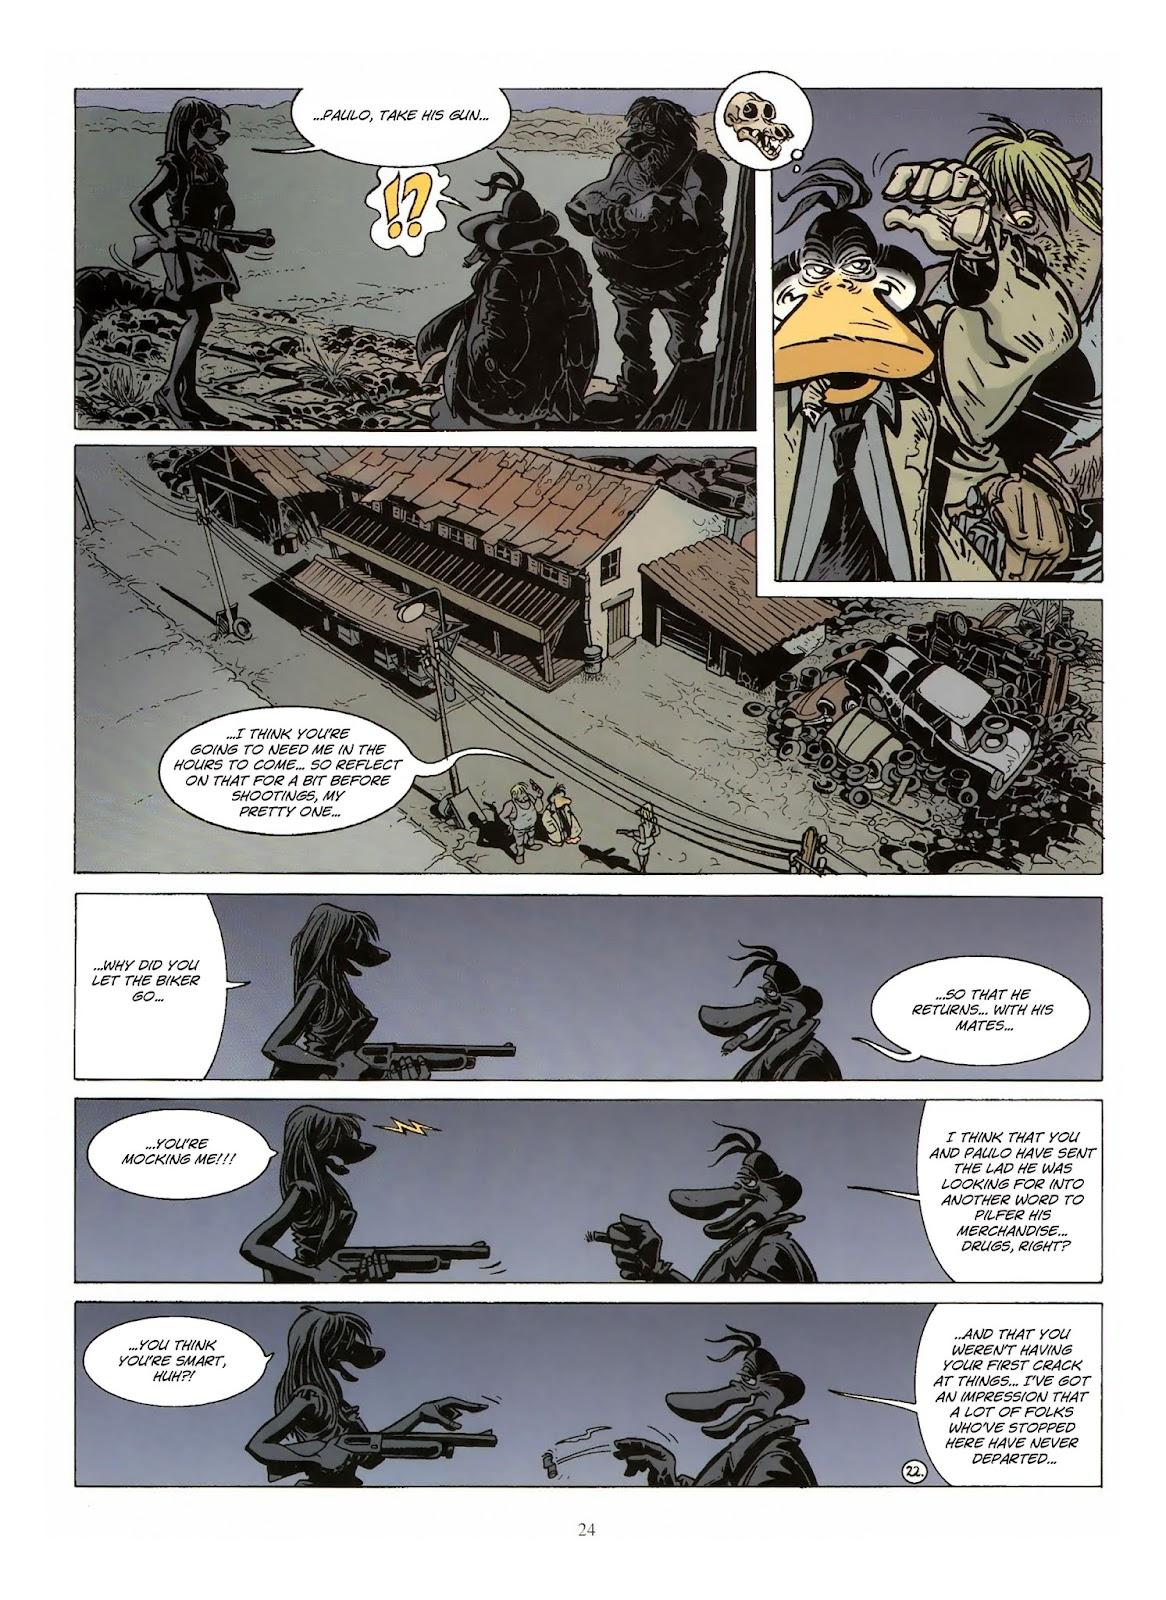 Une enquête de l'inspecteur Canardo issue 10 - Page 25